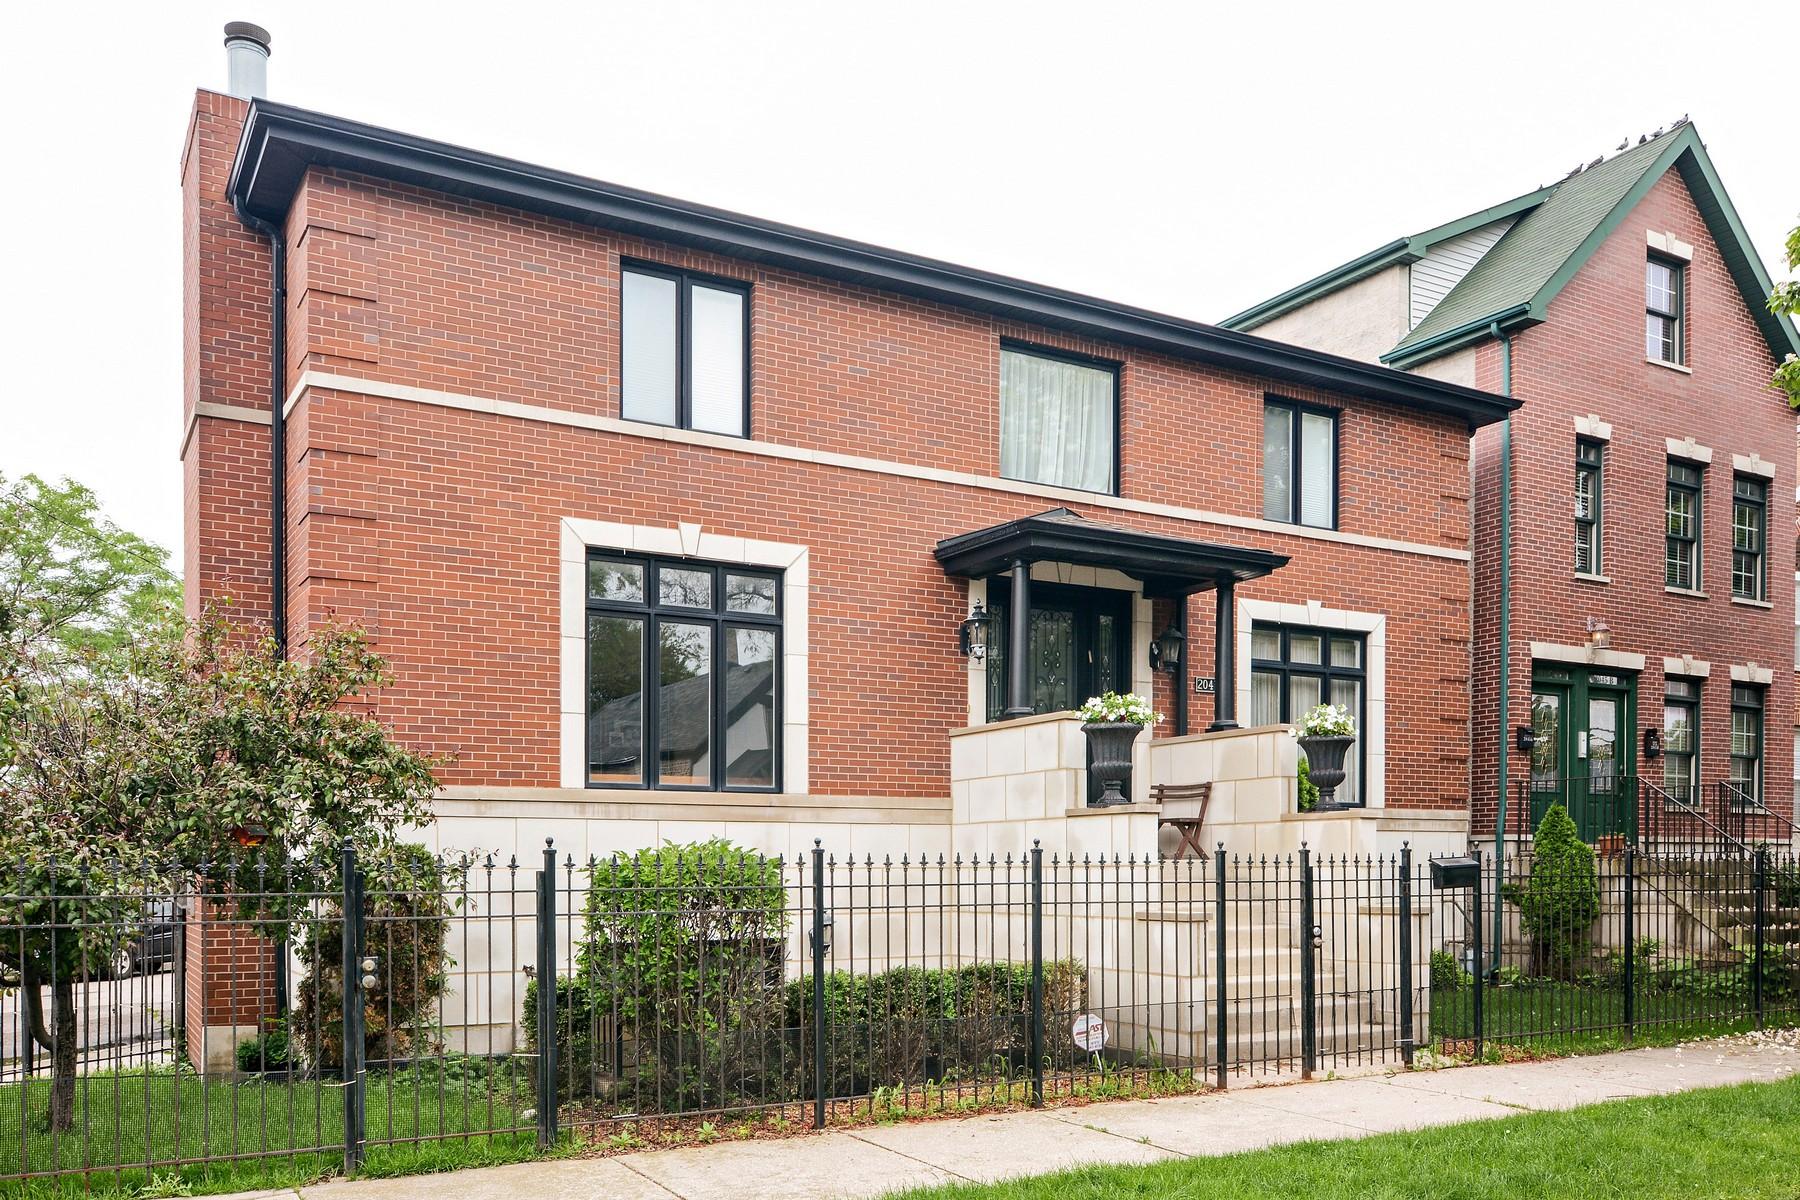 一戸建て のために 売買 アット Contemporary Brick Home in Amazing Bucktown Location 2047 N Honore Street Logan Square, Chicago, イリノイ 60614 アメリカ合衆国